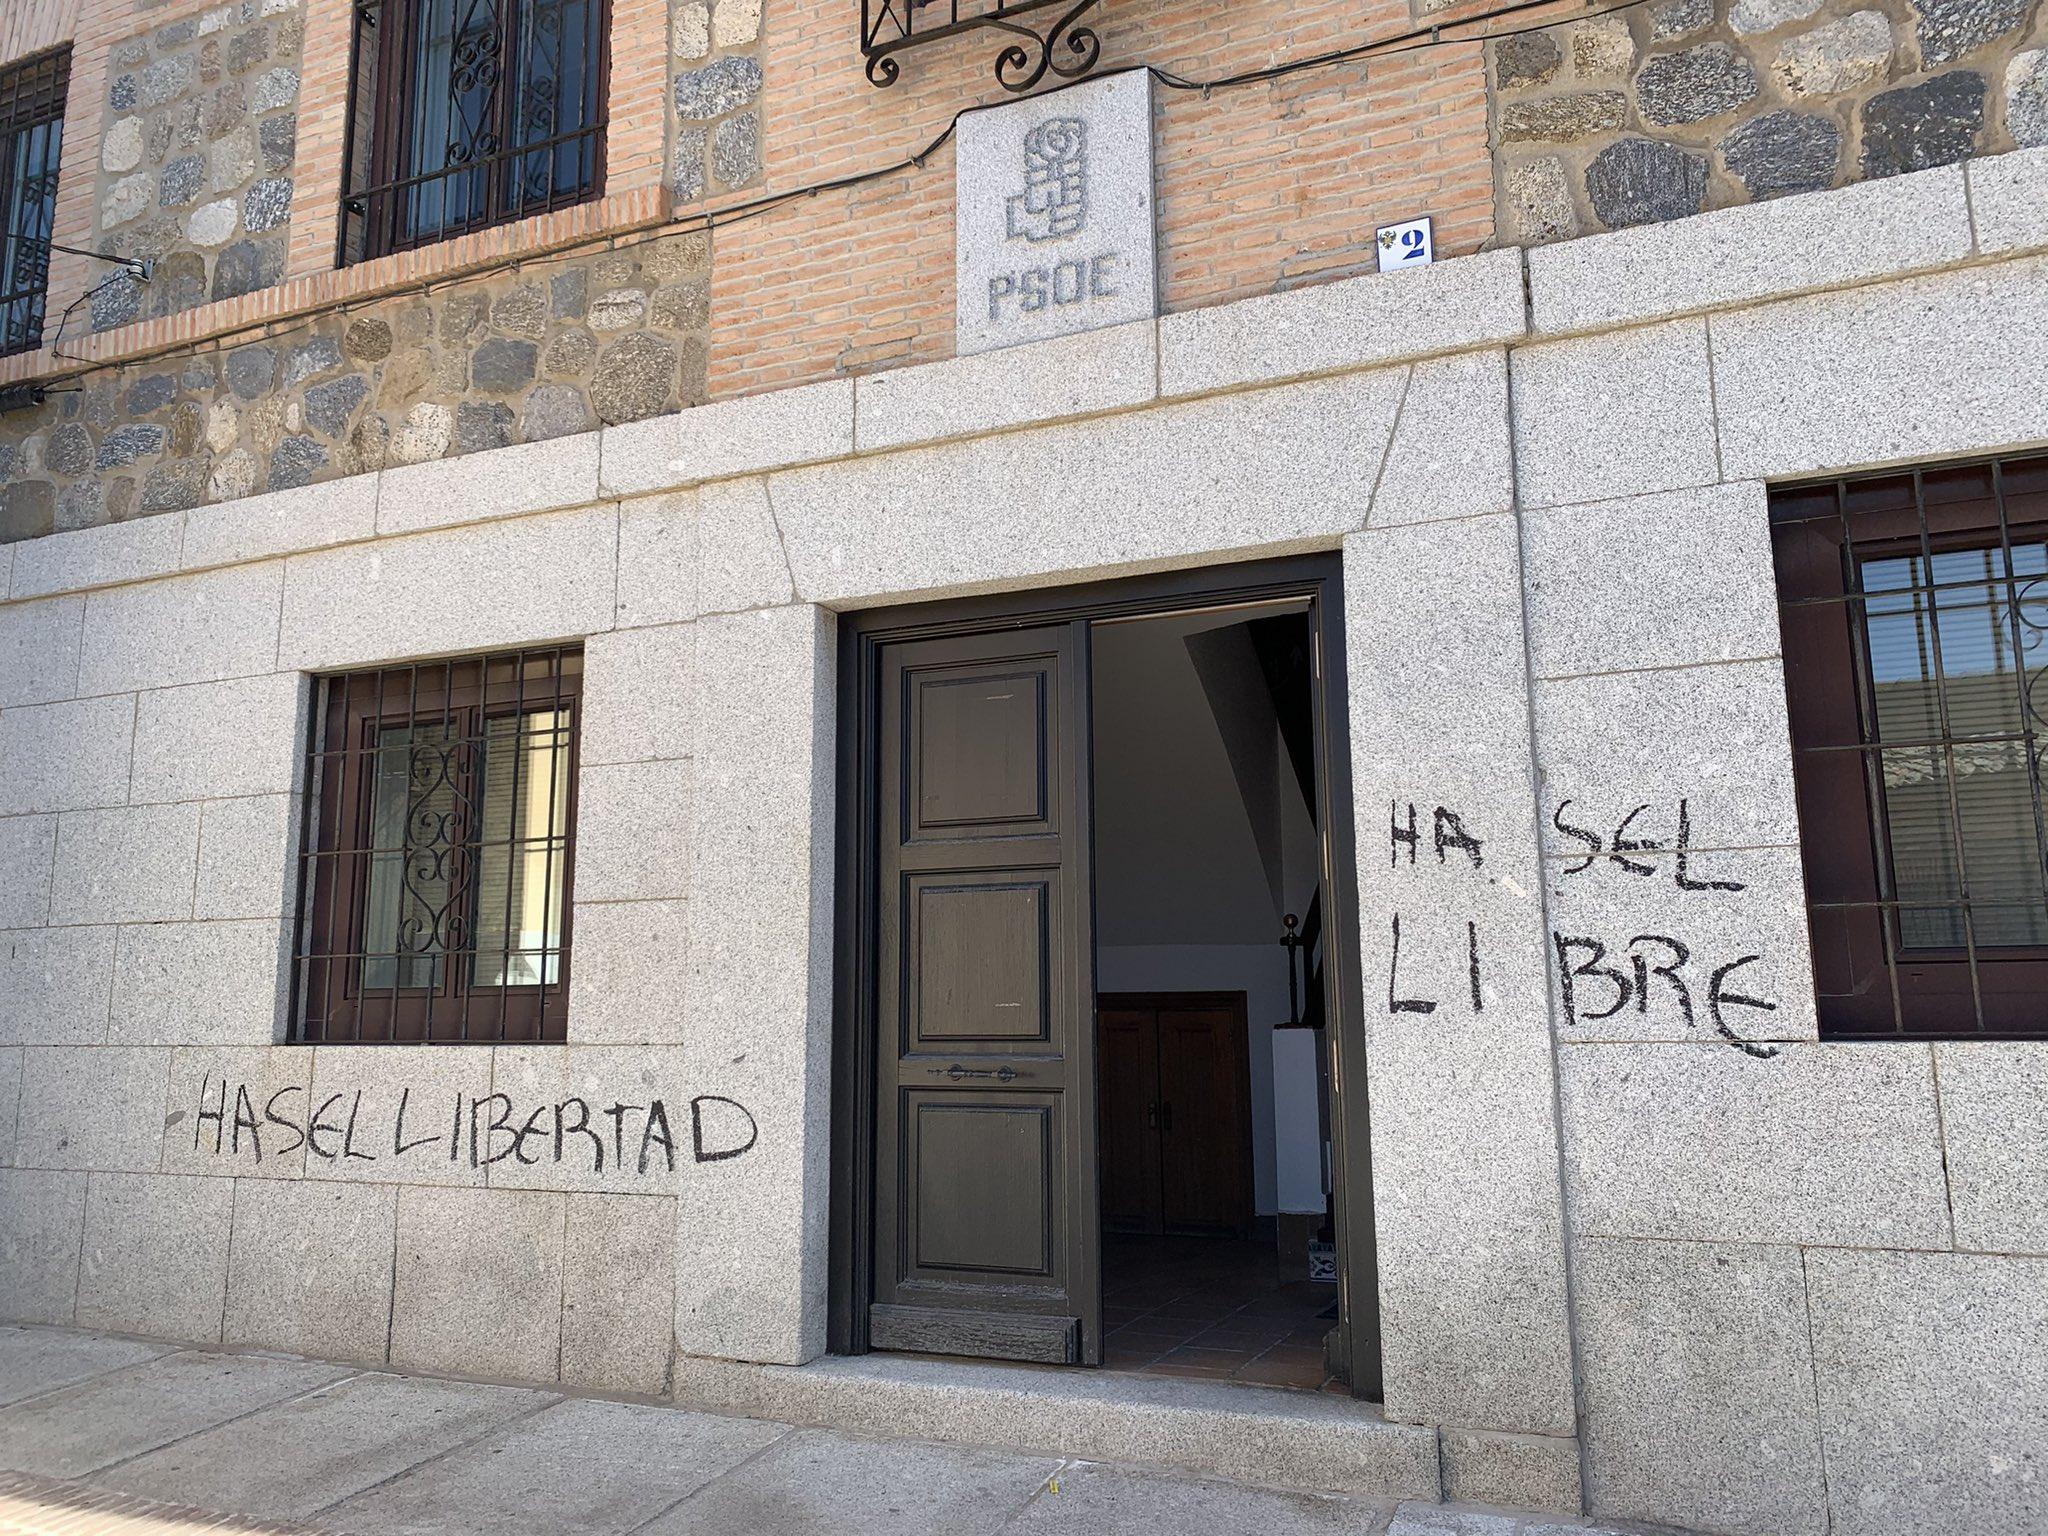 El PSOE ha condenado las pintadas que han aparecido en su sede a favor de Pablo Hasél.